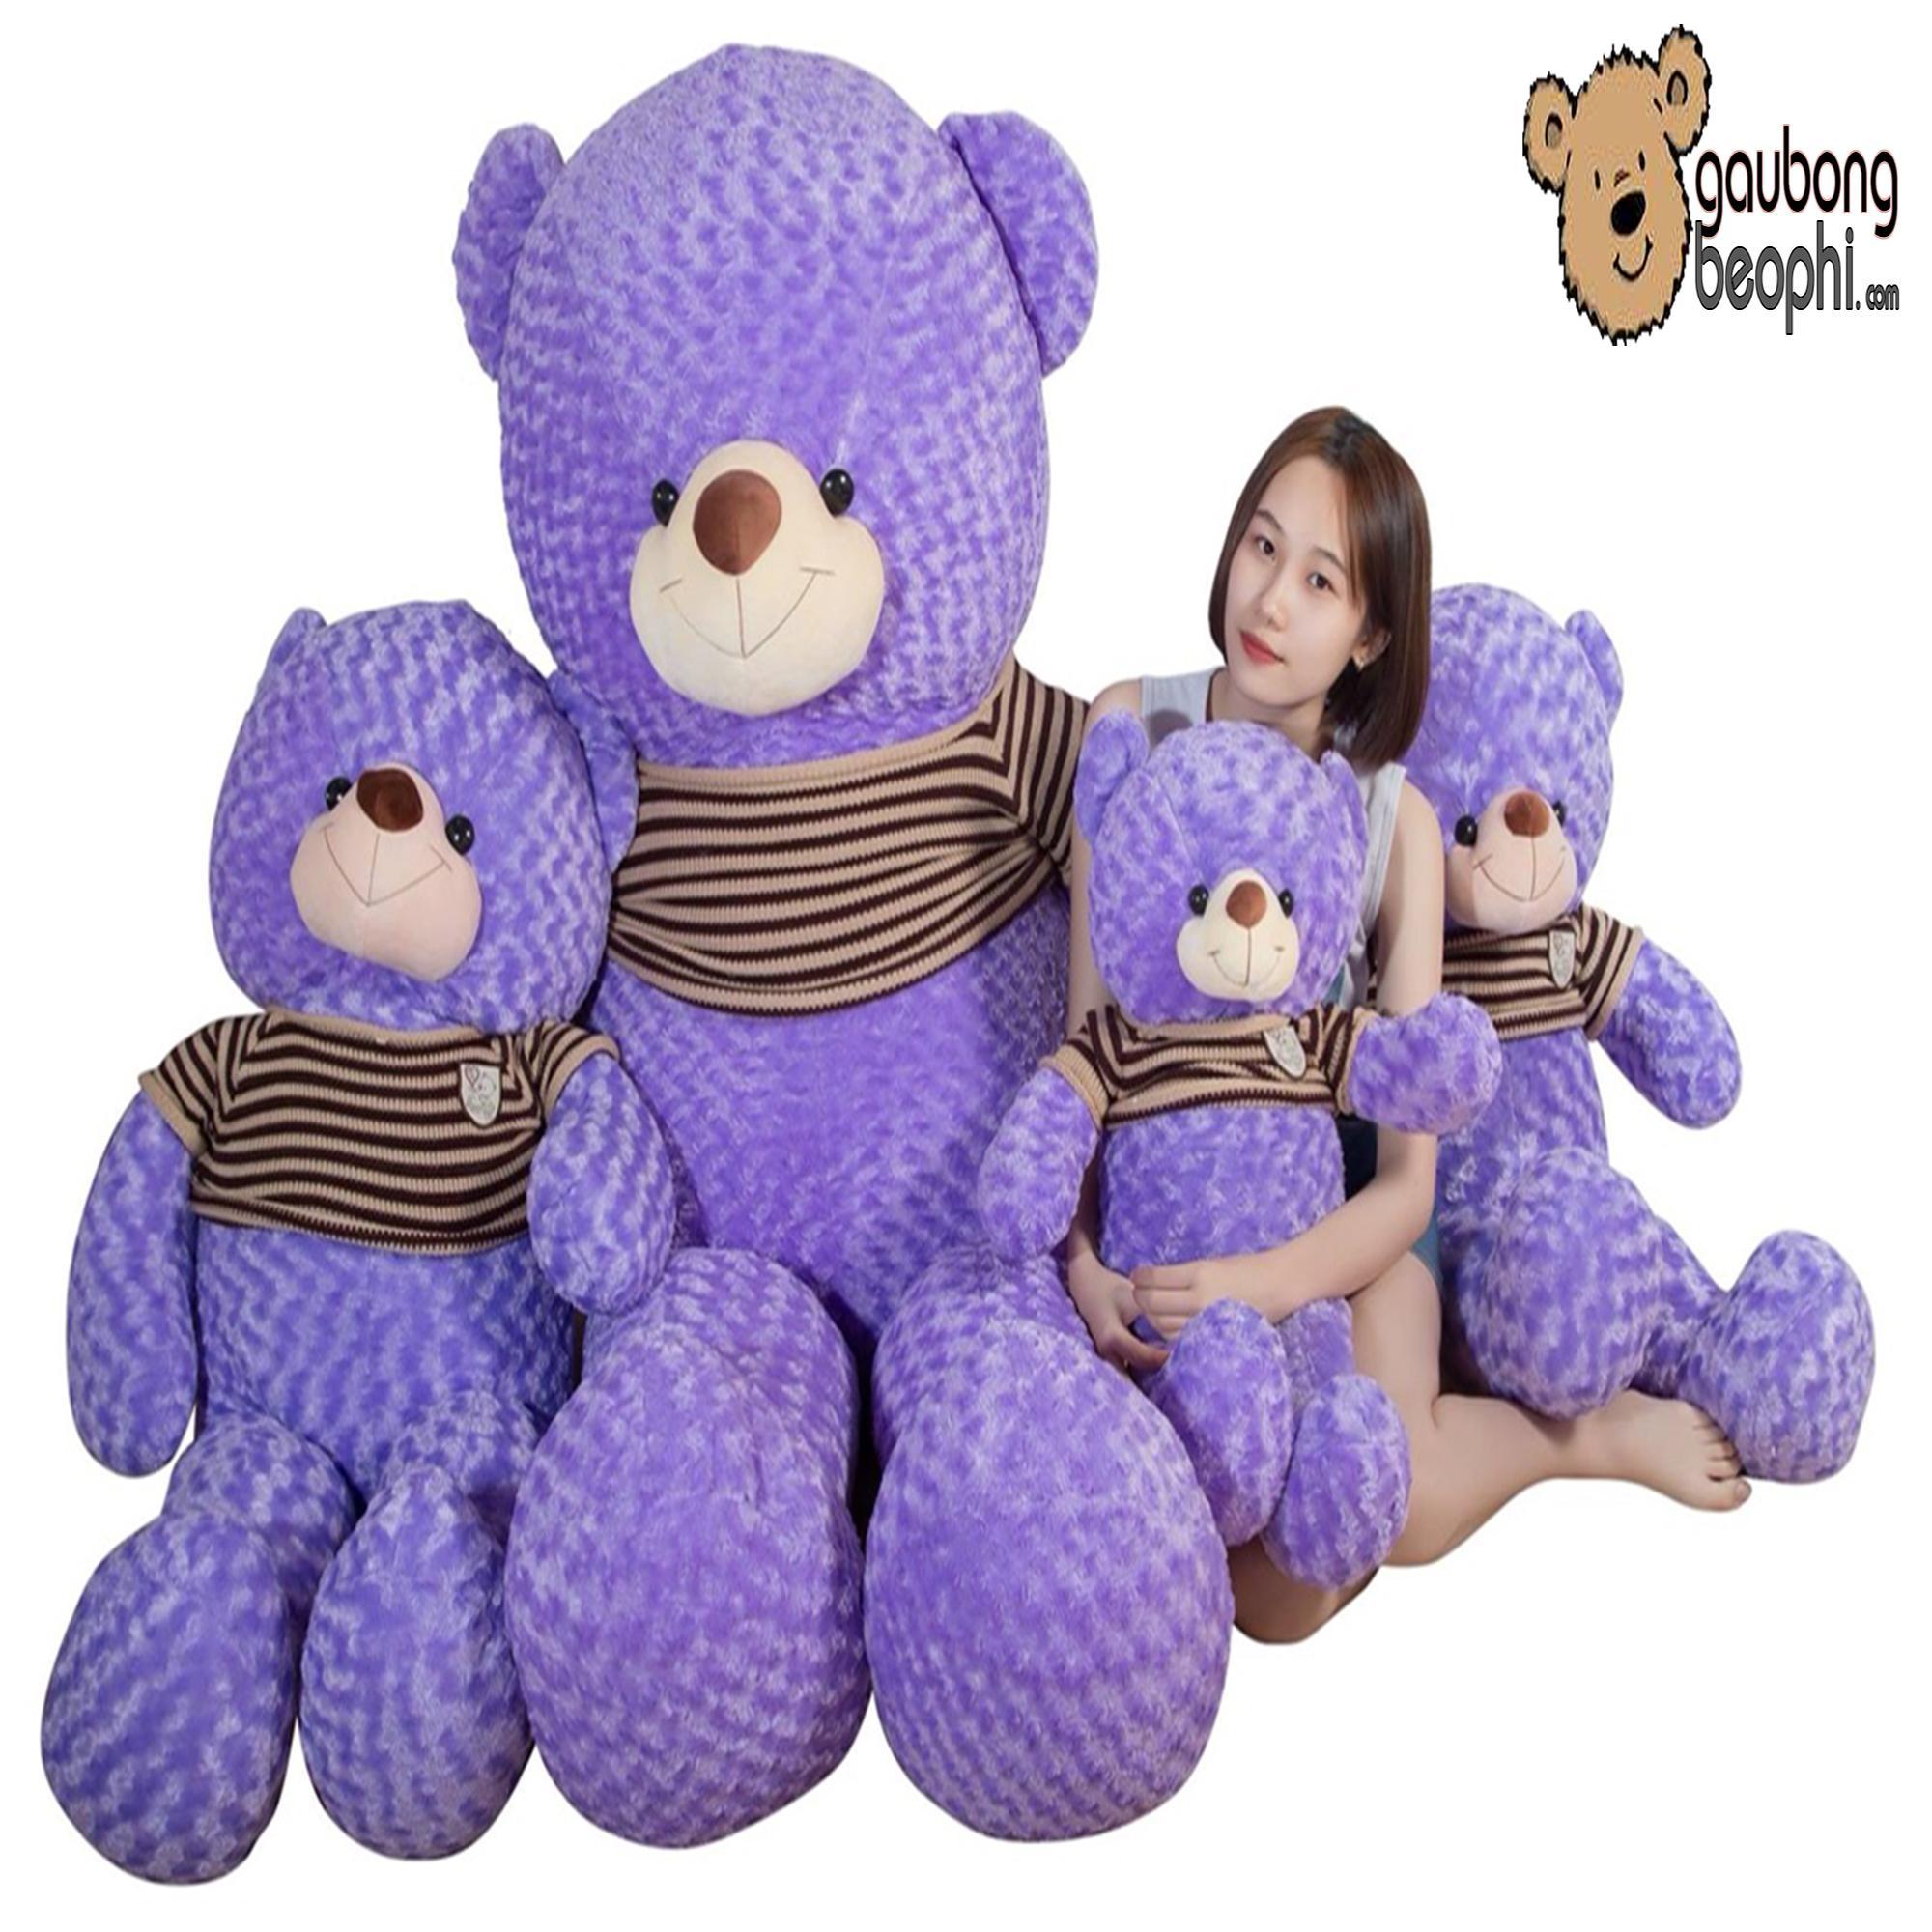 Hình ảnh Gấu bông teddy áo len cao cấp khổ vải 1m6, Shop Gấu Bông Béo Phì, món quà ý nghĩa chuyên dành cho việc tỏ tình, nhân dịp sinh nhật, quà tặng đồ chơi bằng bông an toàn cho bé